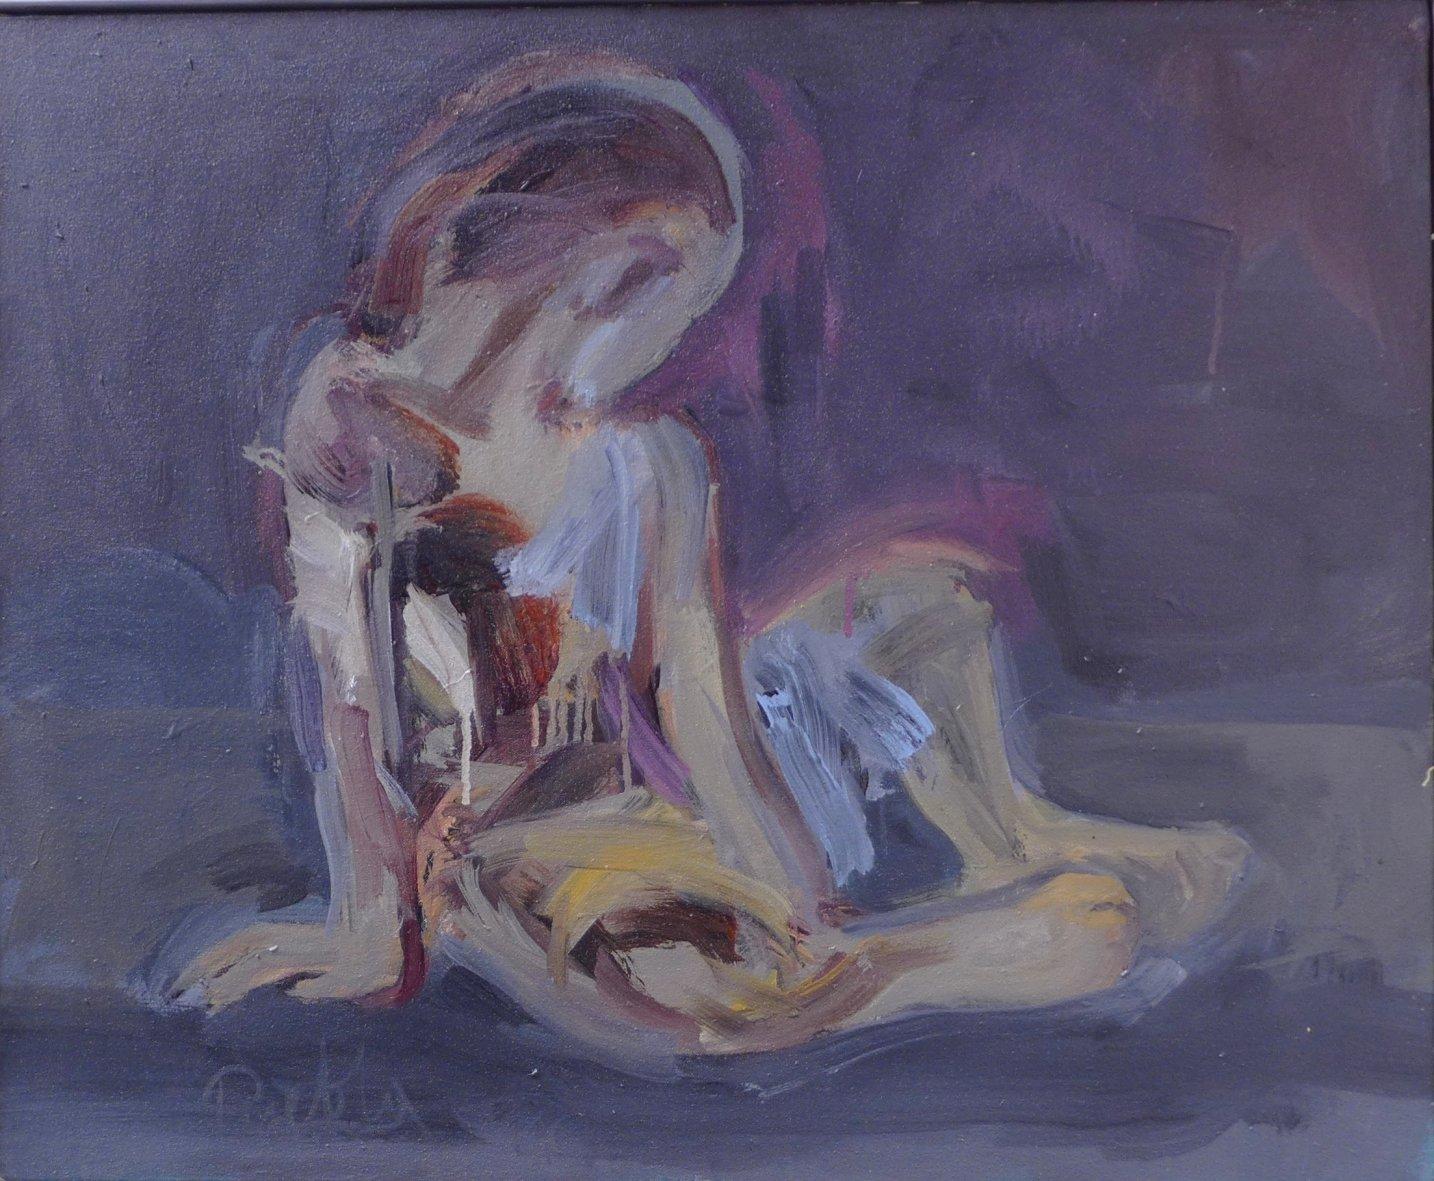 sin título (2003) - Teo Puebla Morón